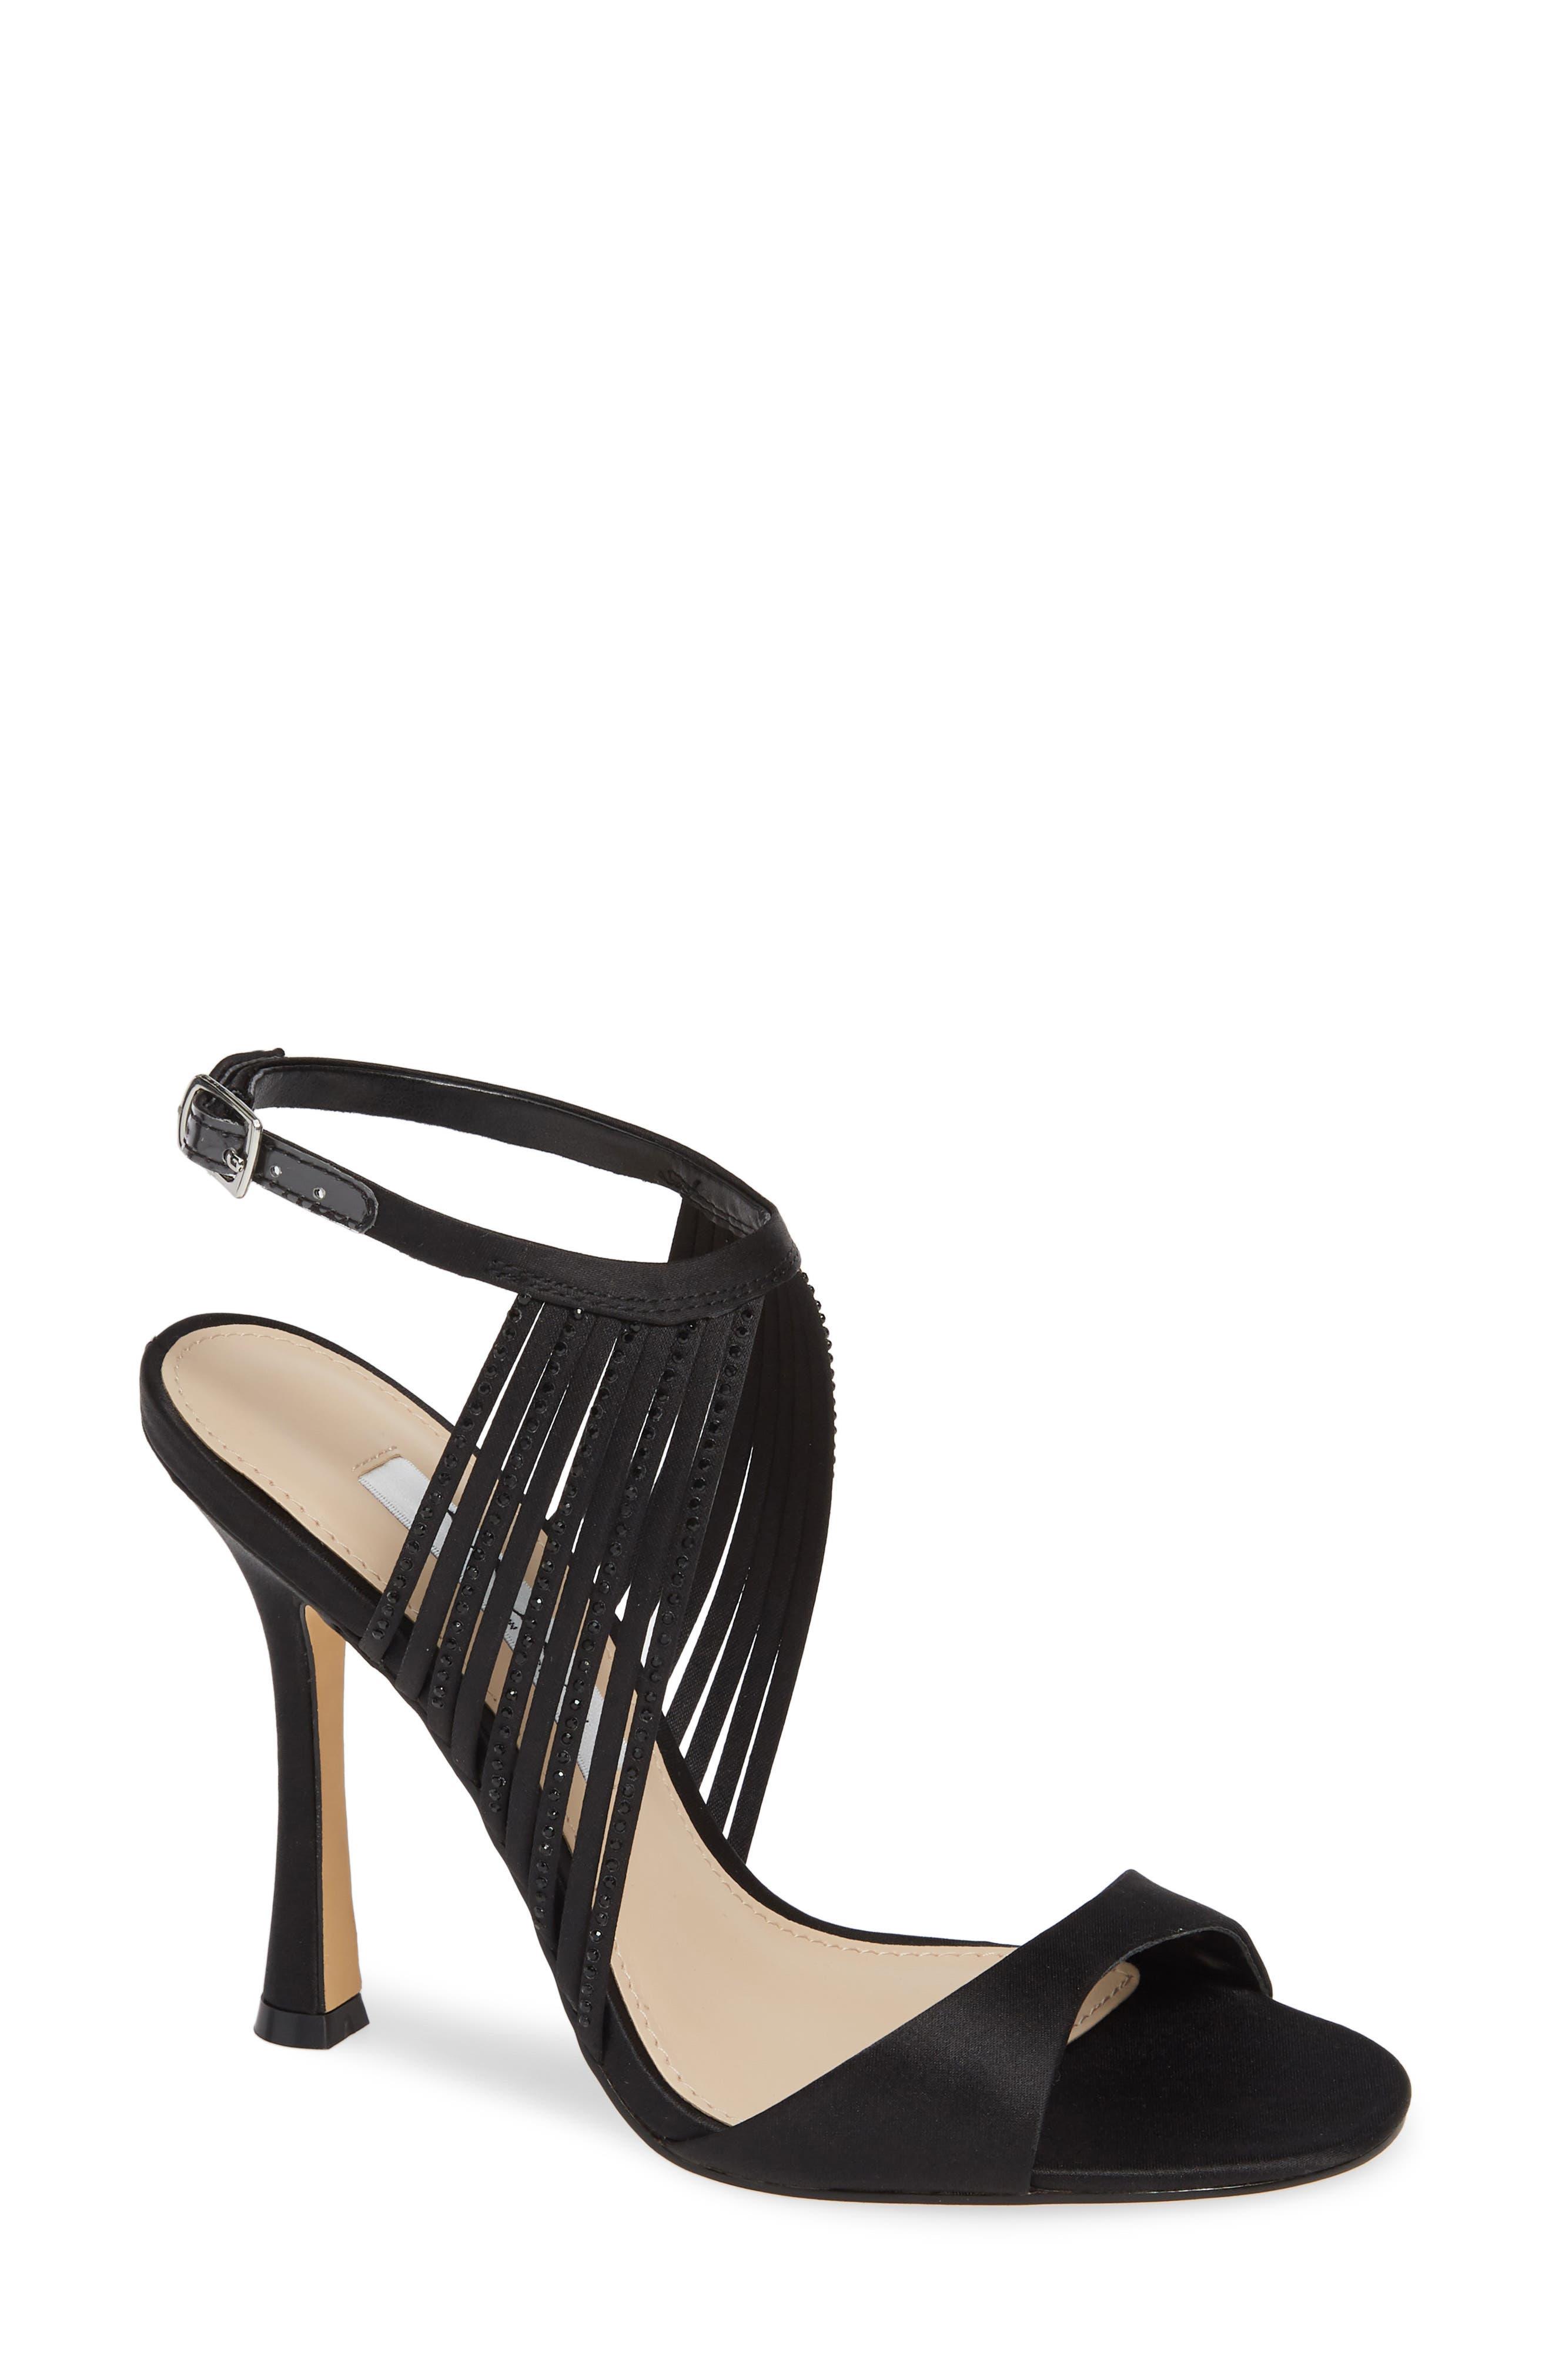 Damaris Crystal Embellished Sandal, Main, color, BLACK SATIN